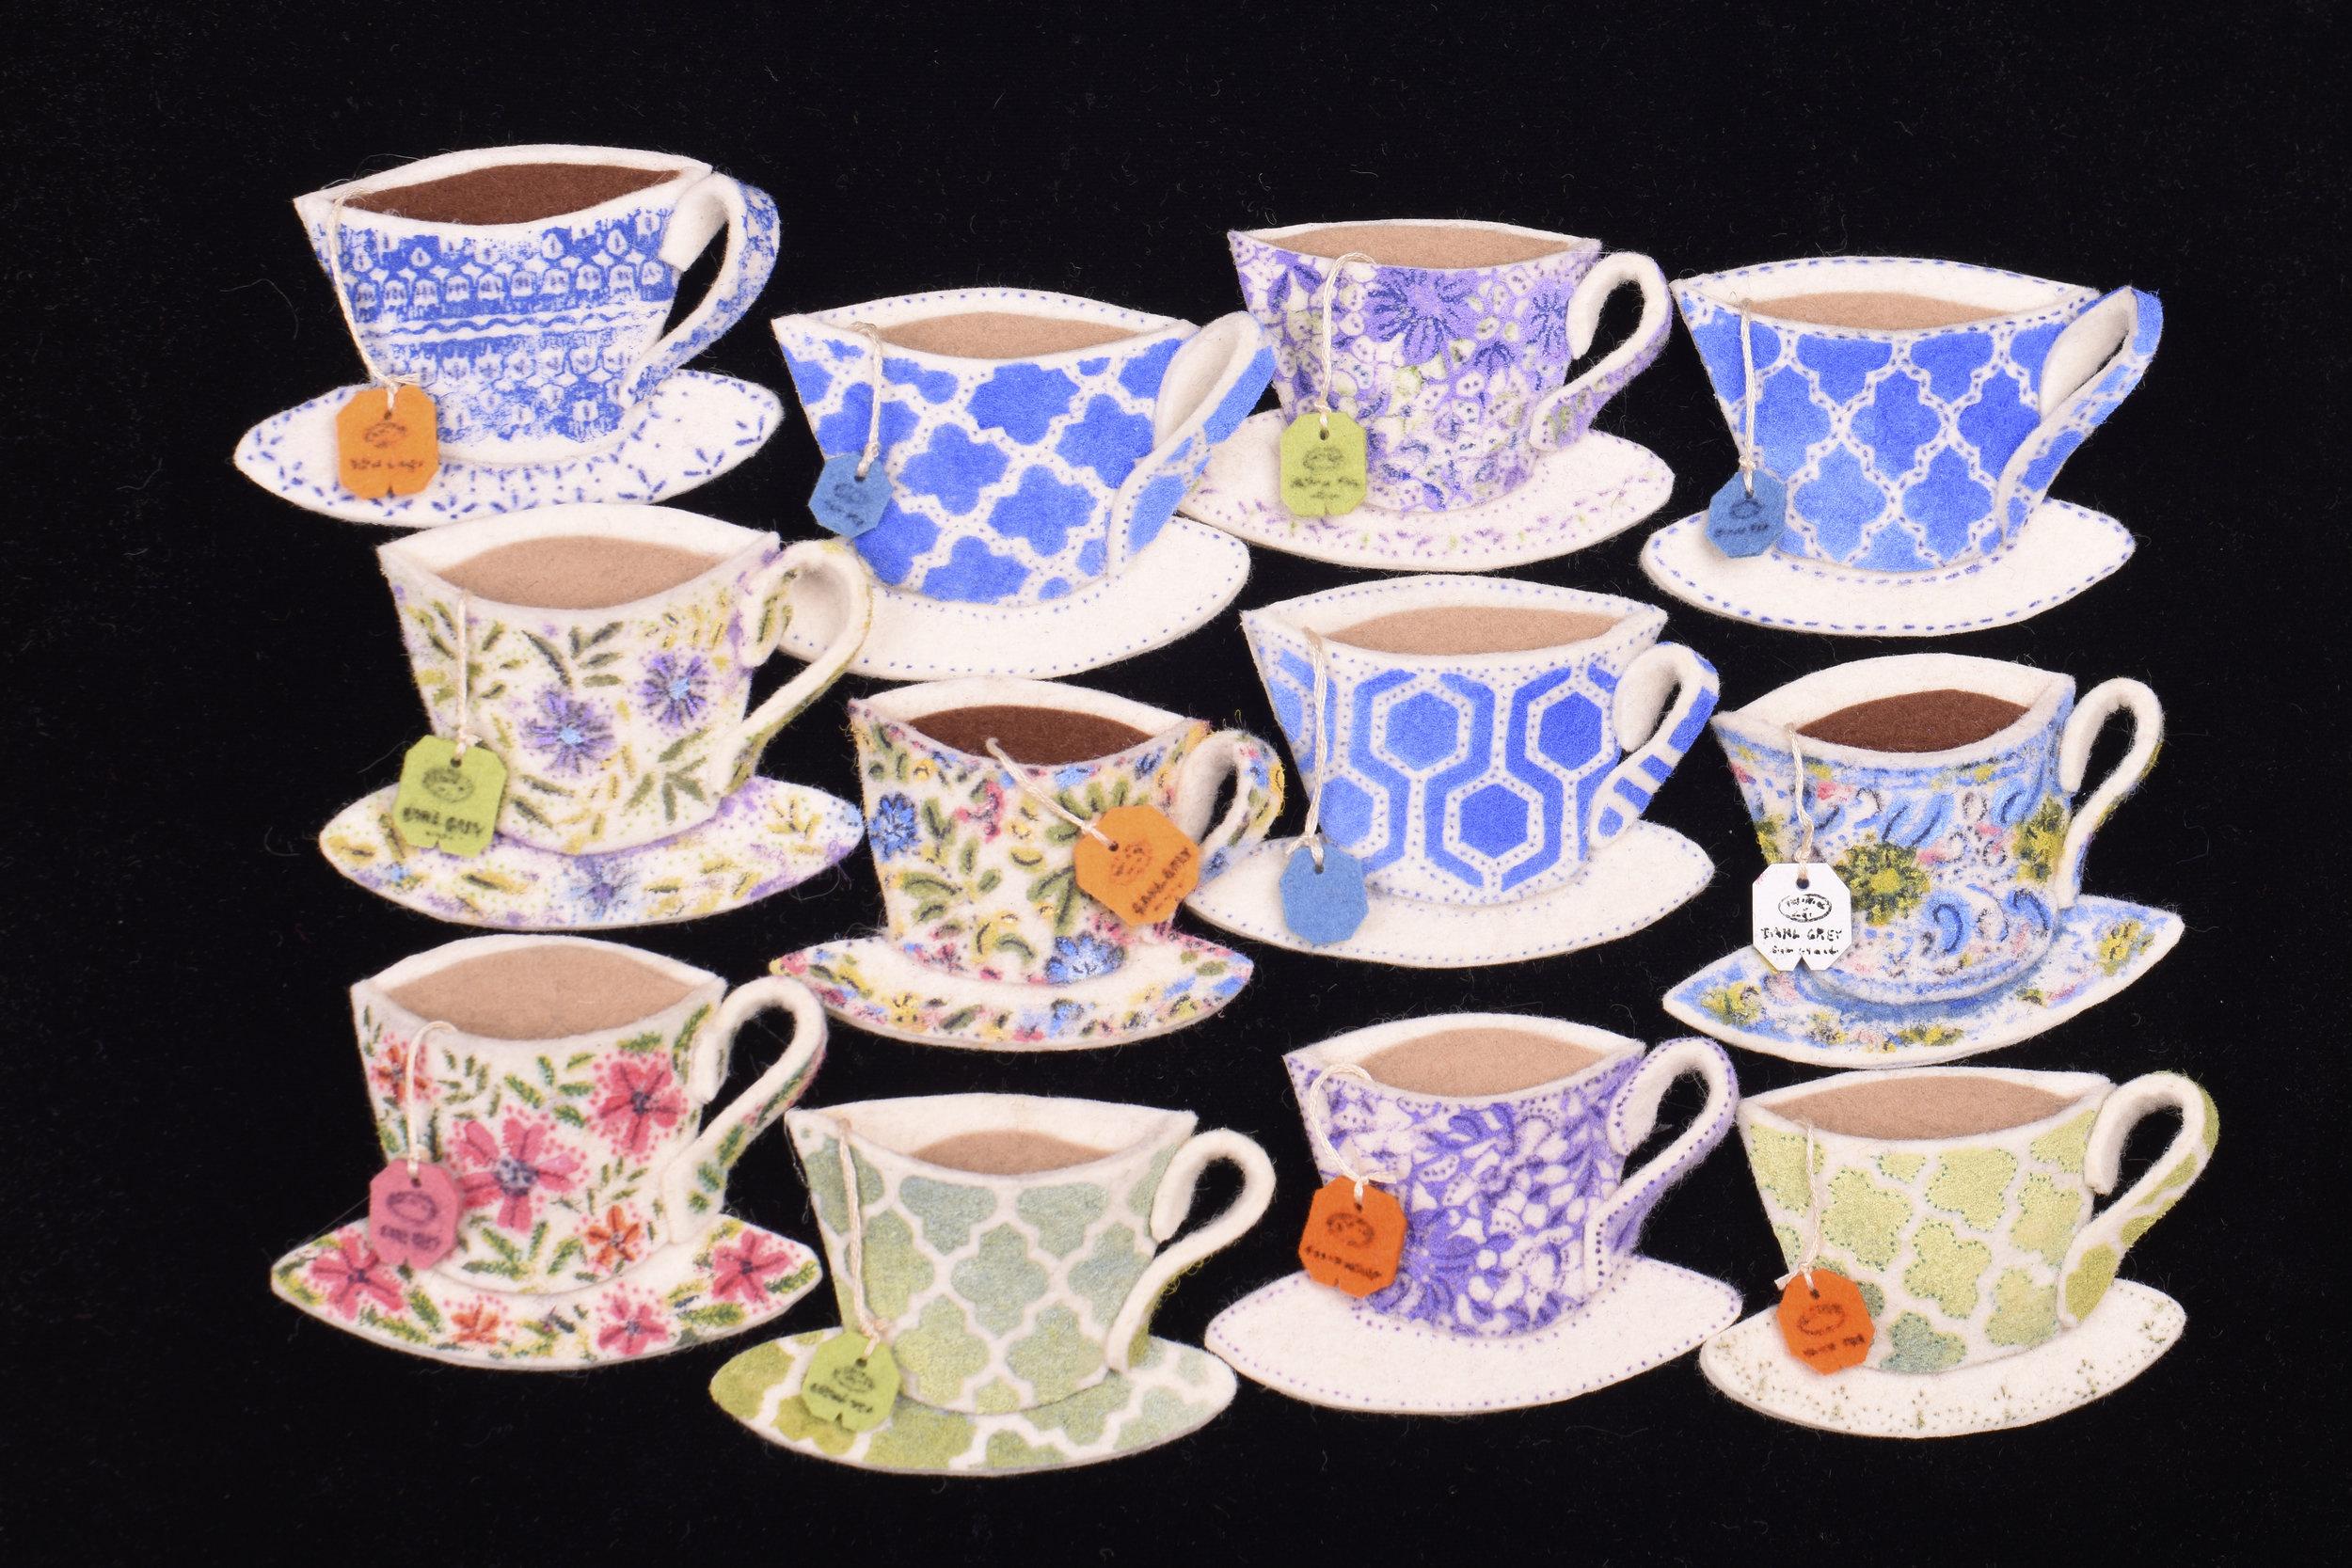 teacups on black.jpg